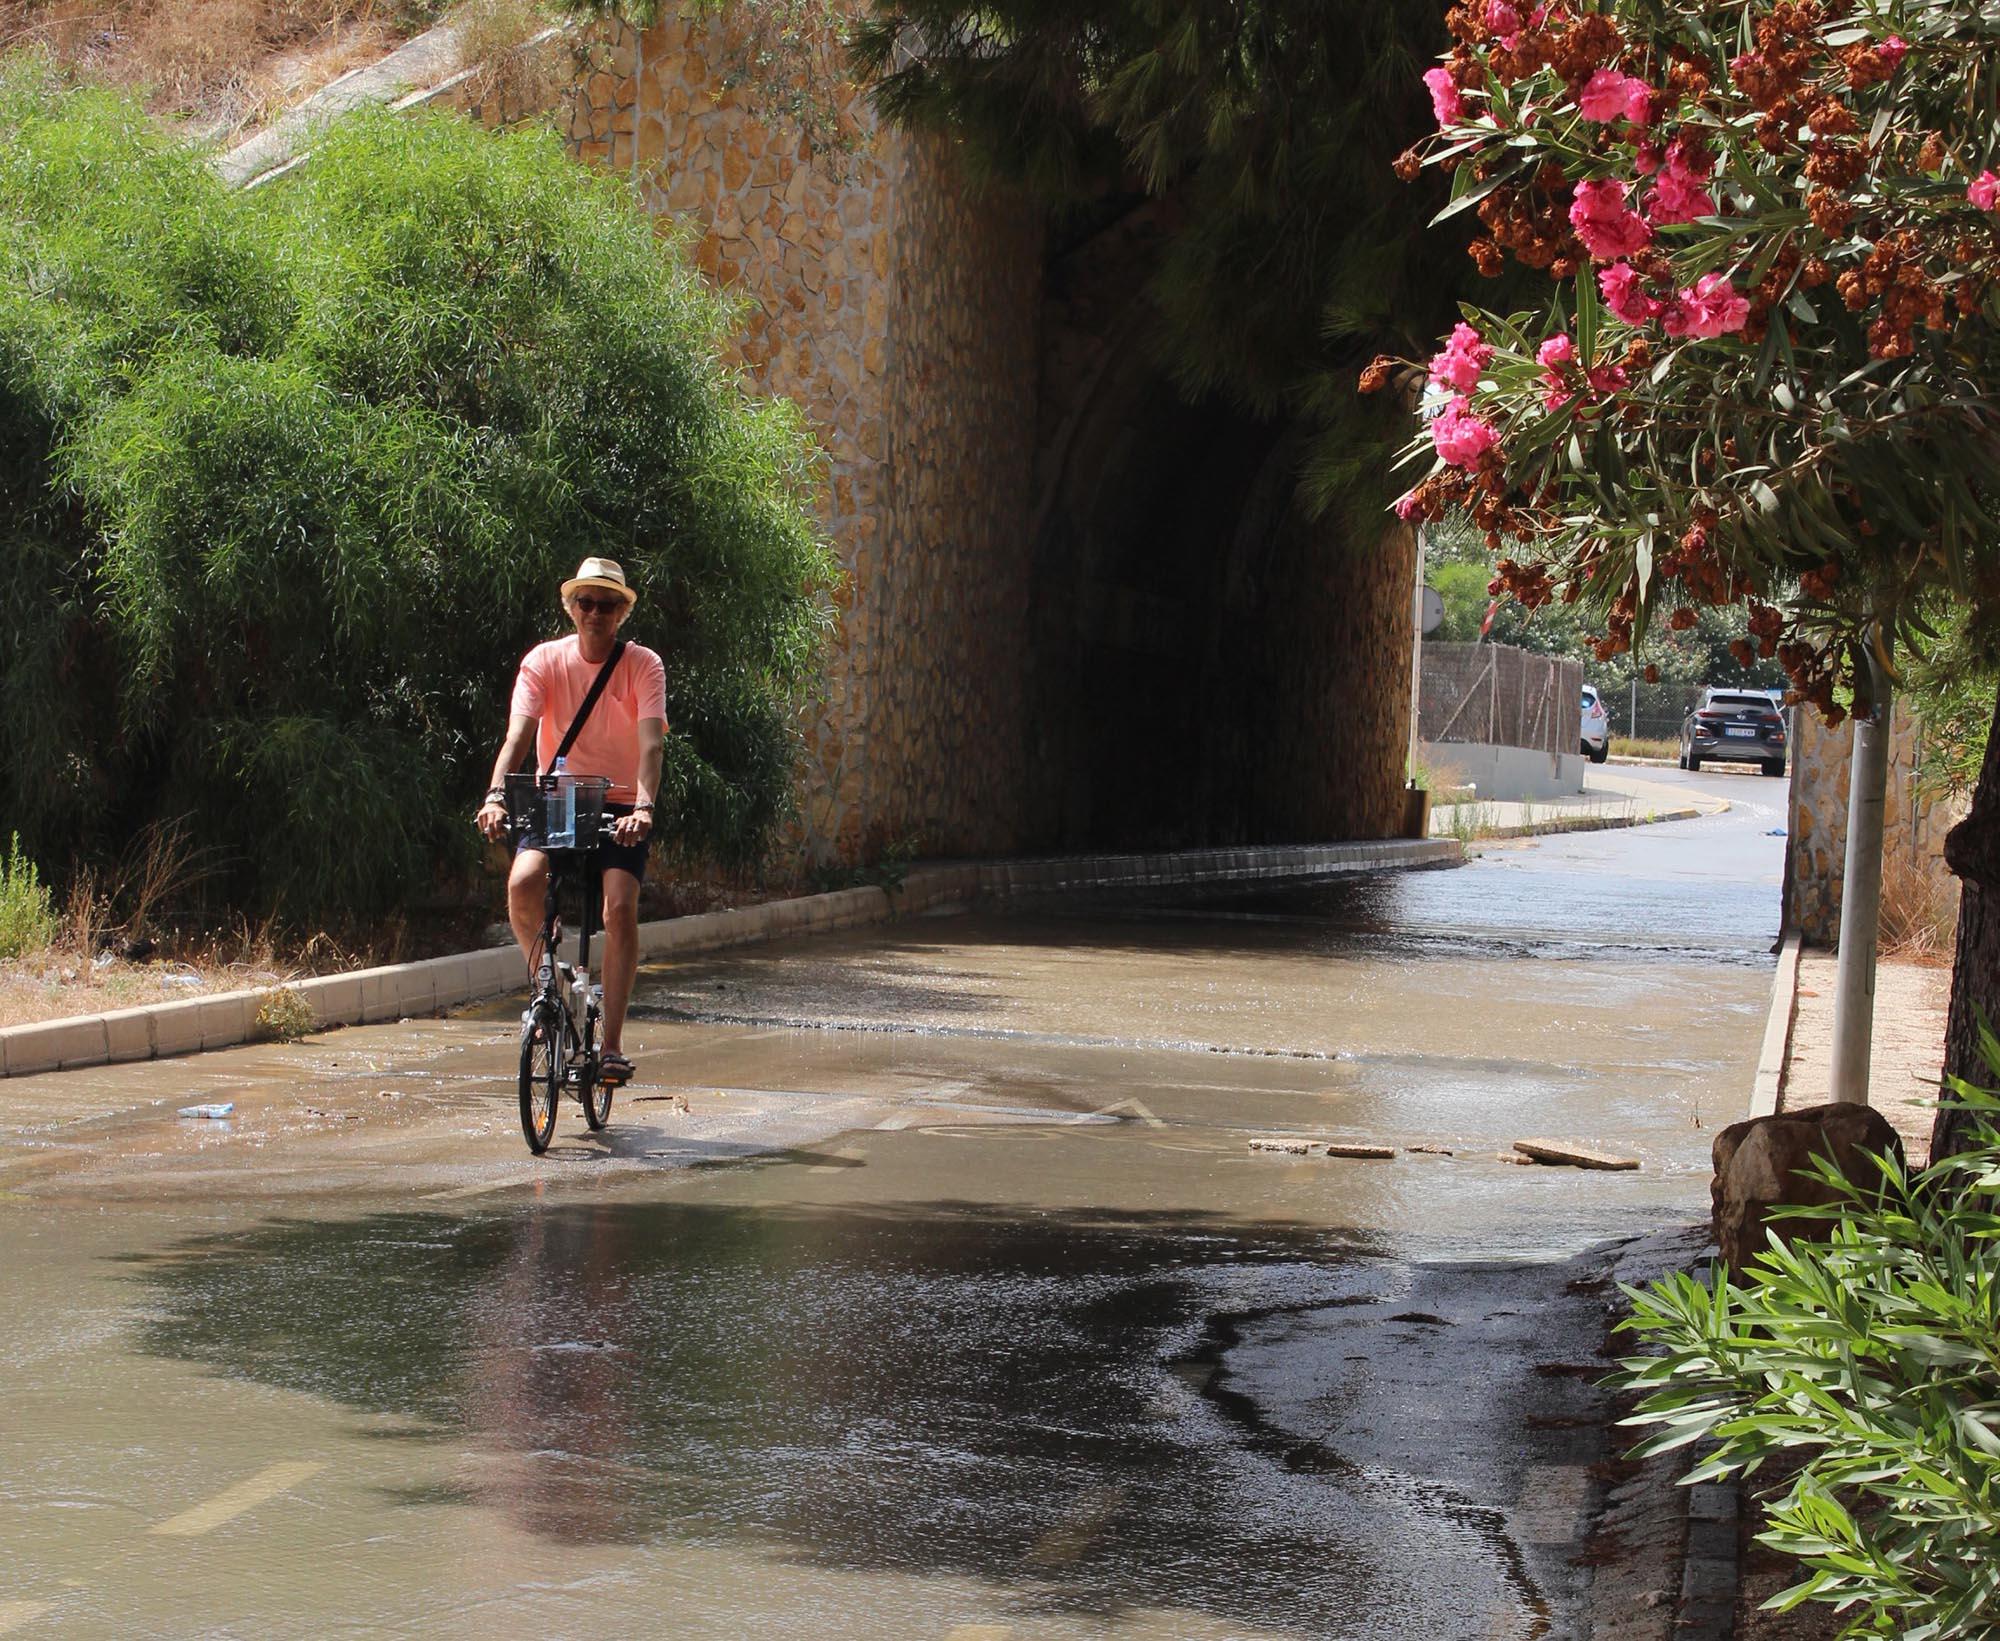 On his way to La Zenia Beach through the village. Cycling through raw sewage.